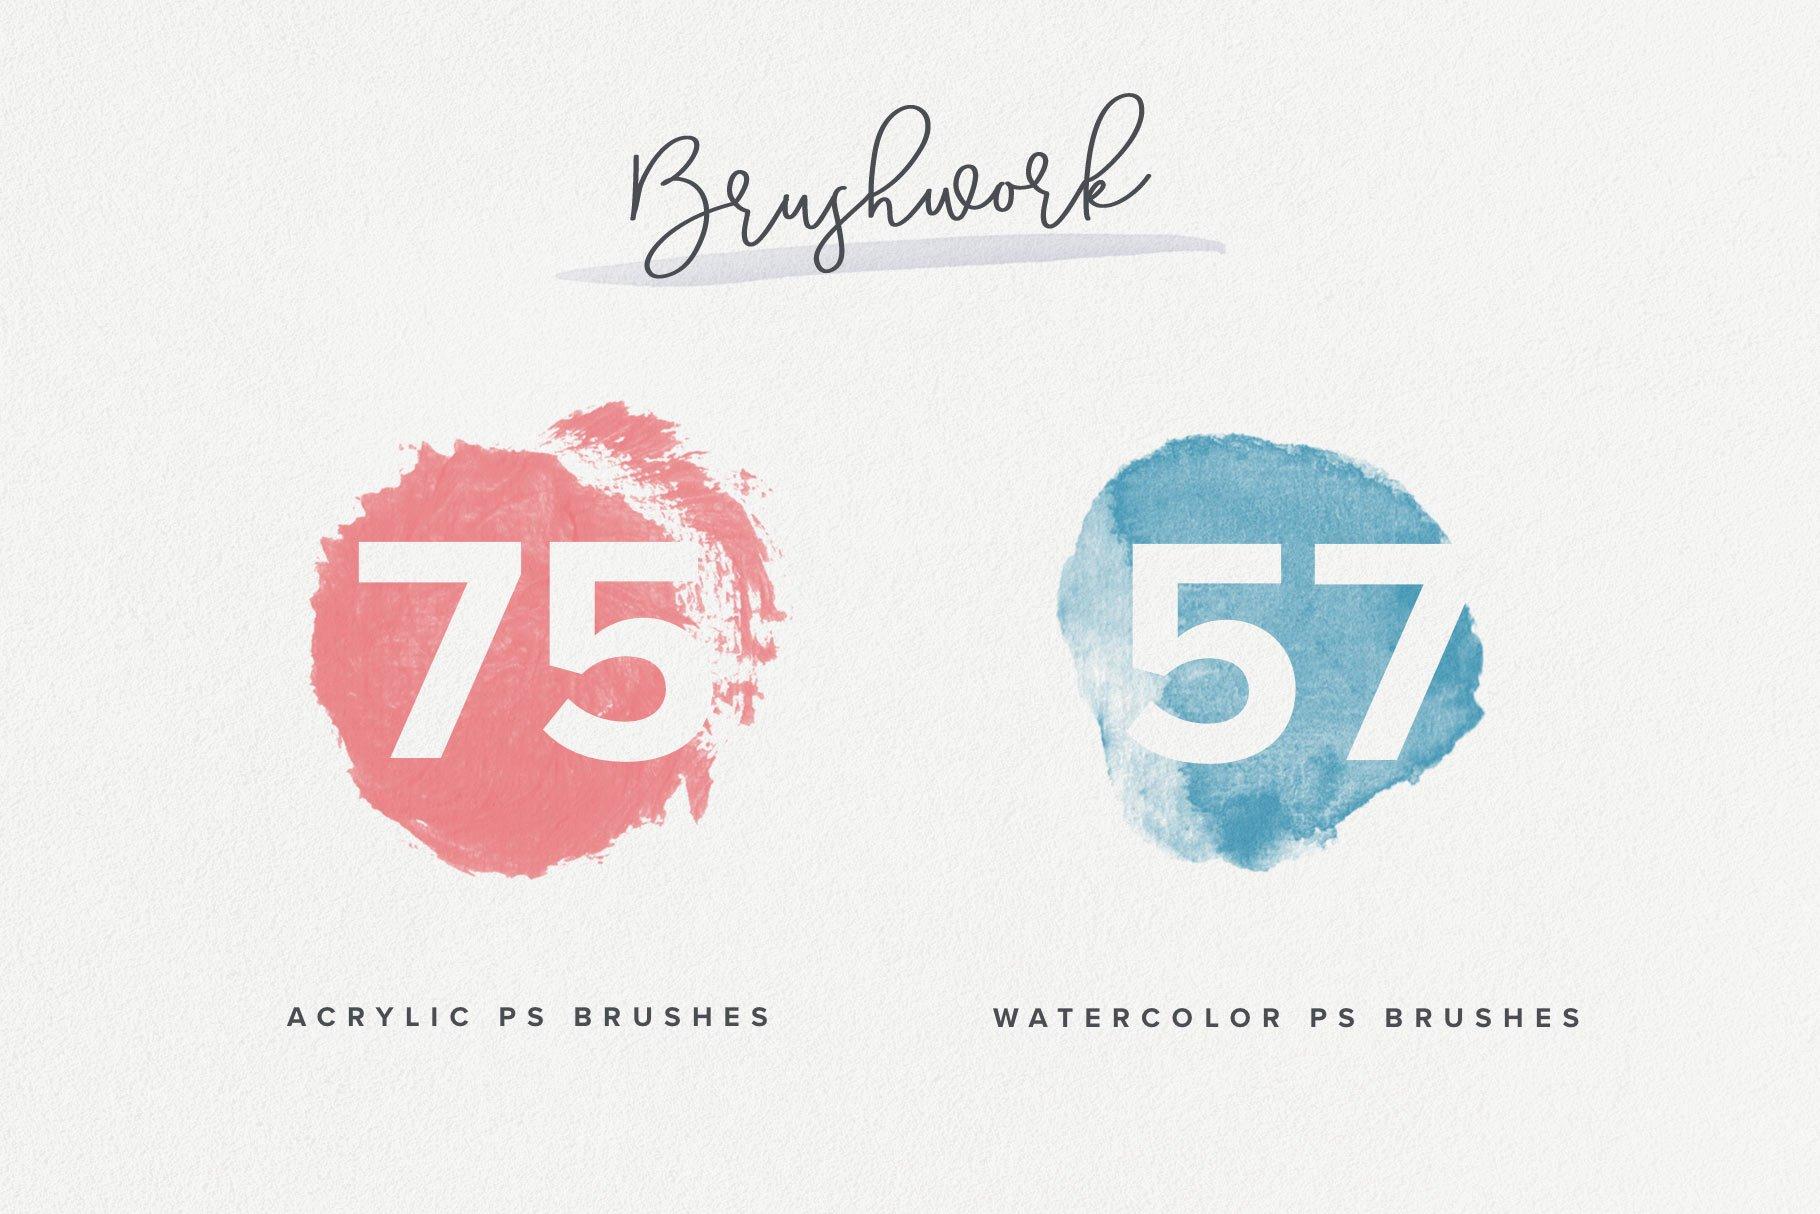 224款毛笔笔触水彩艺术绘画PS&Procreate笔刷素材 Brushwork PS & Procreate Brushes插图2